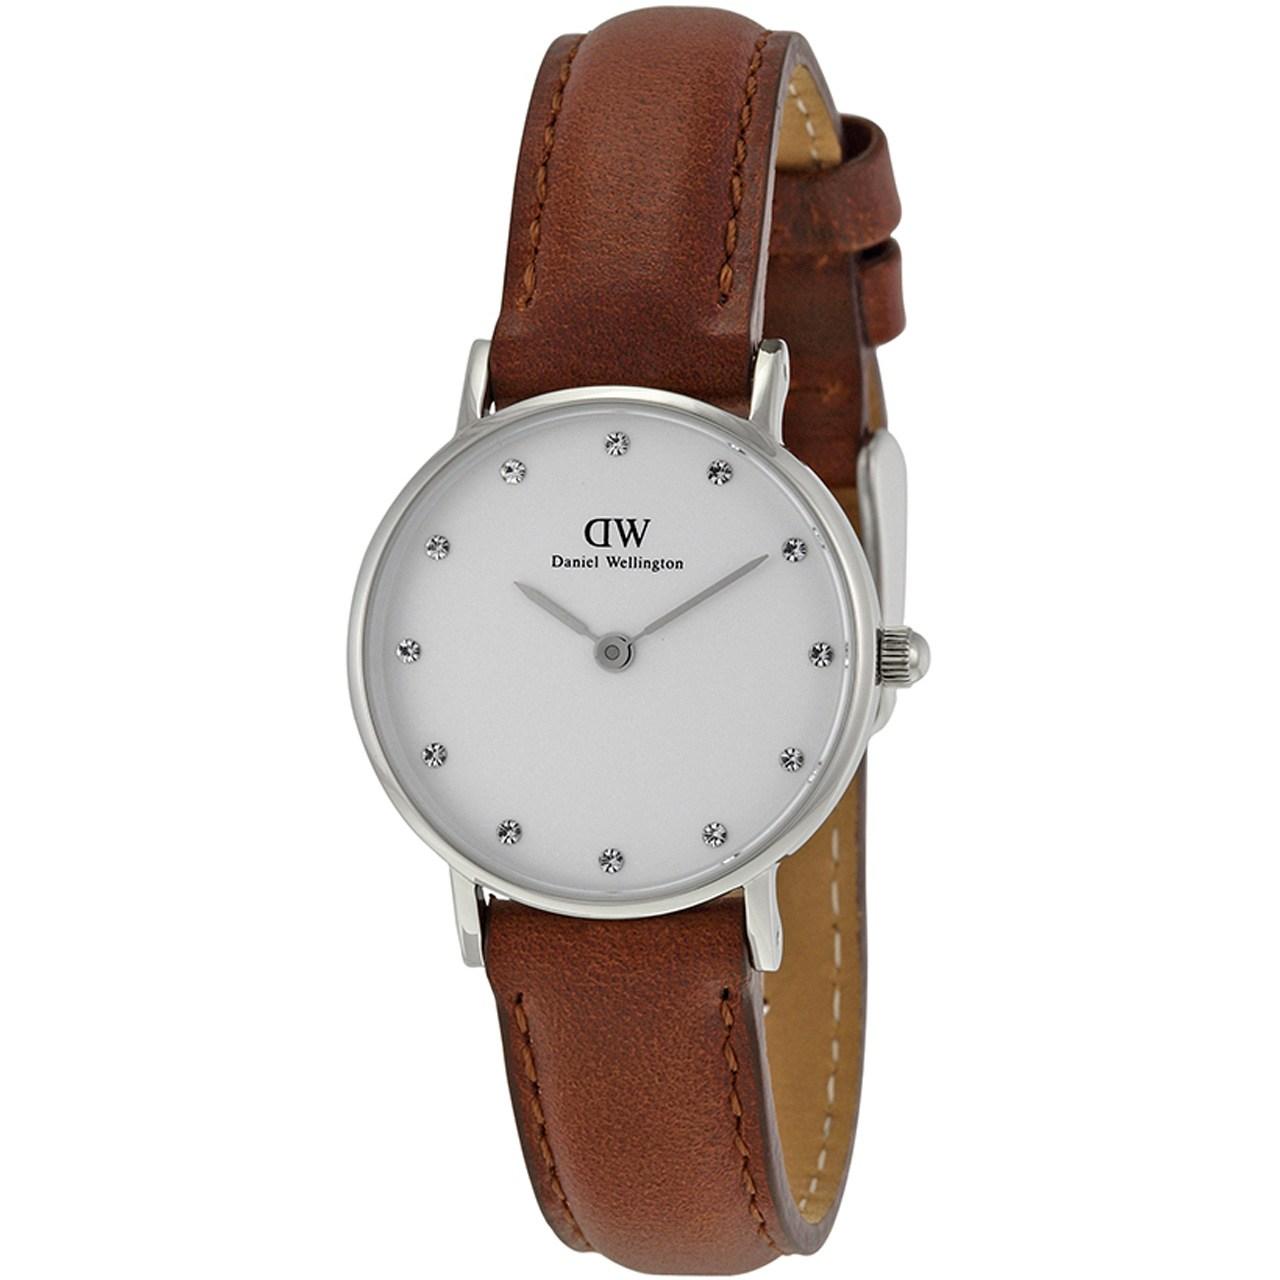 ساعت مچی عقربه ای زنانه دنیل ولینگتون مدل DW00100067 8